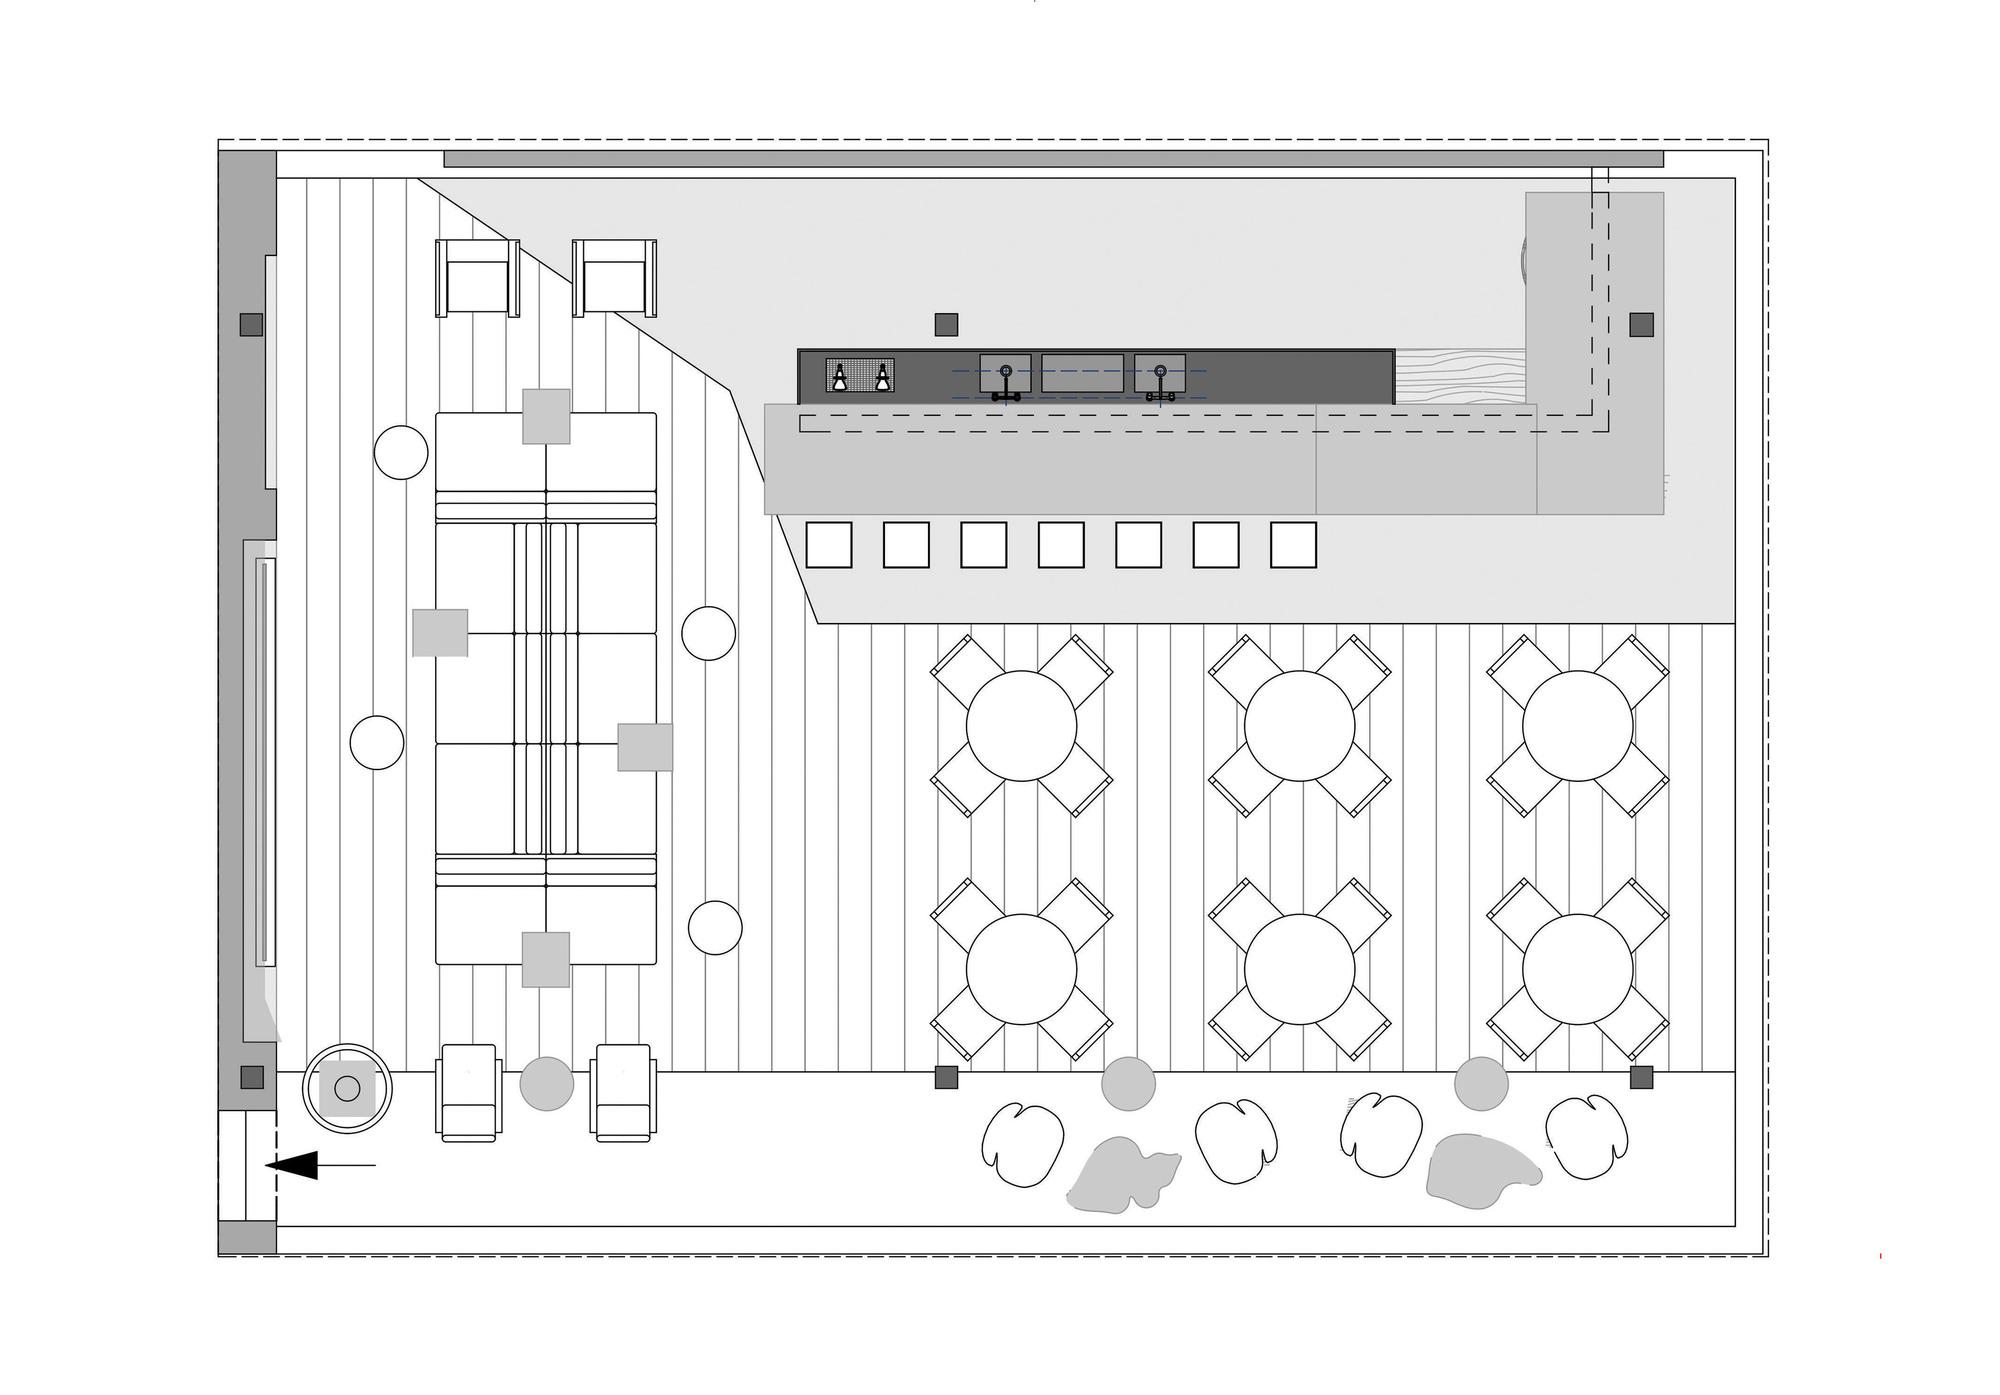 Villa Savoye Floor Plan Dwg Gallery Of Nosotros Bar Studio Otto Felix 18